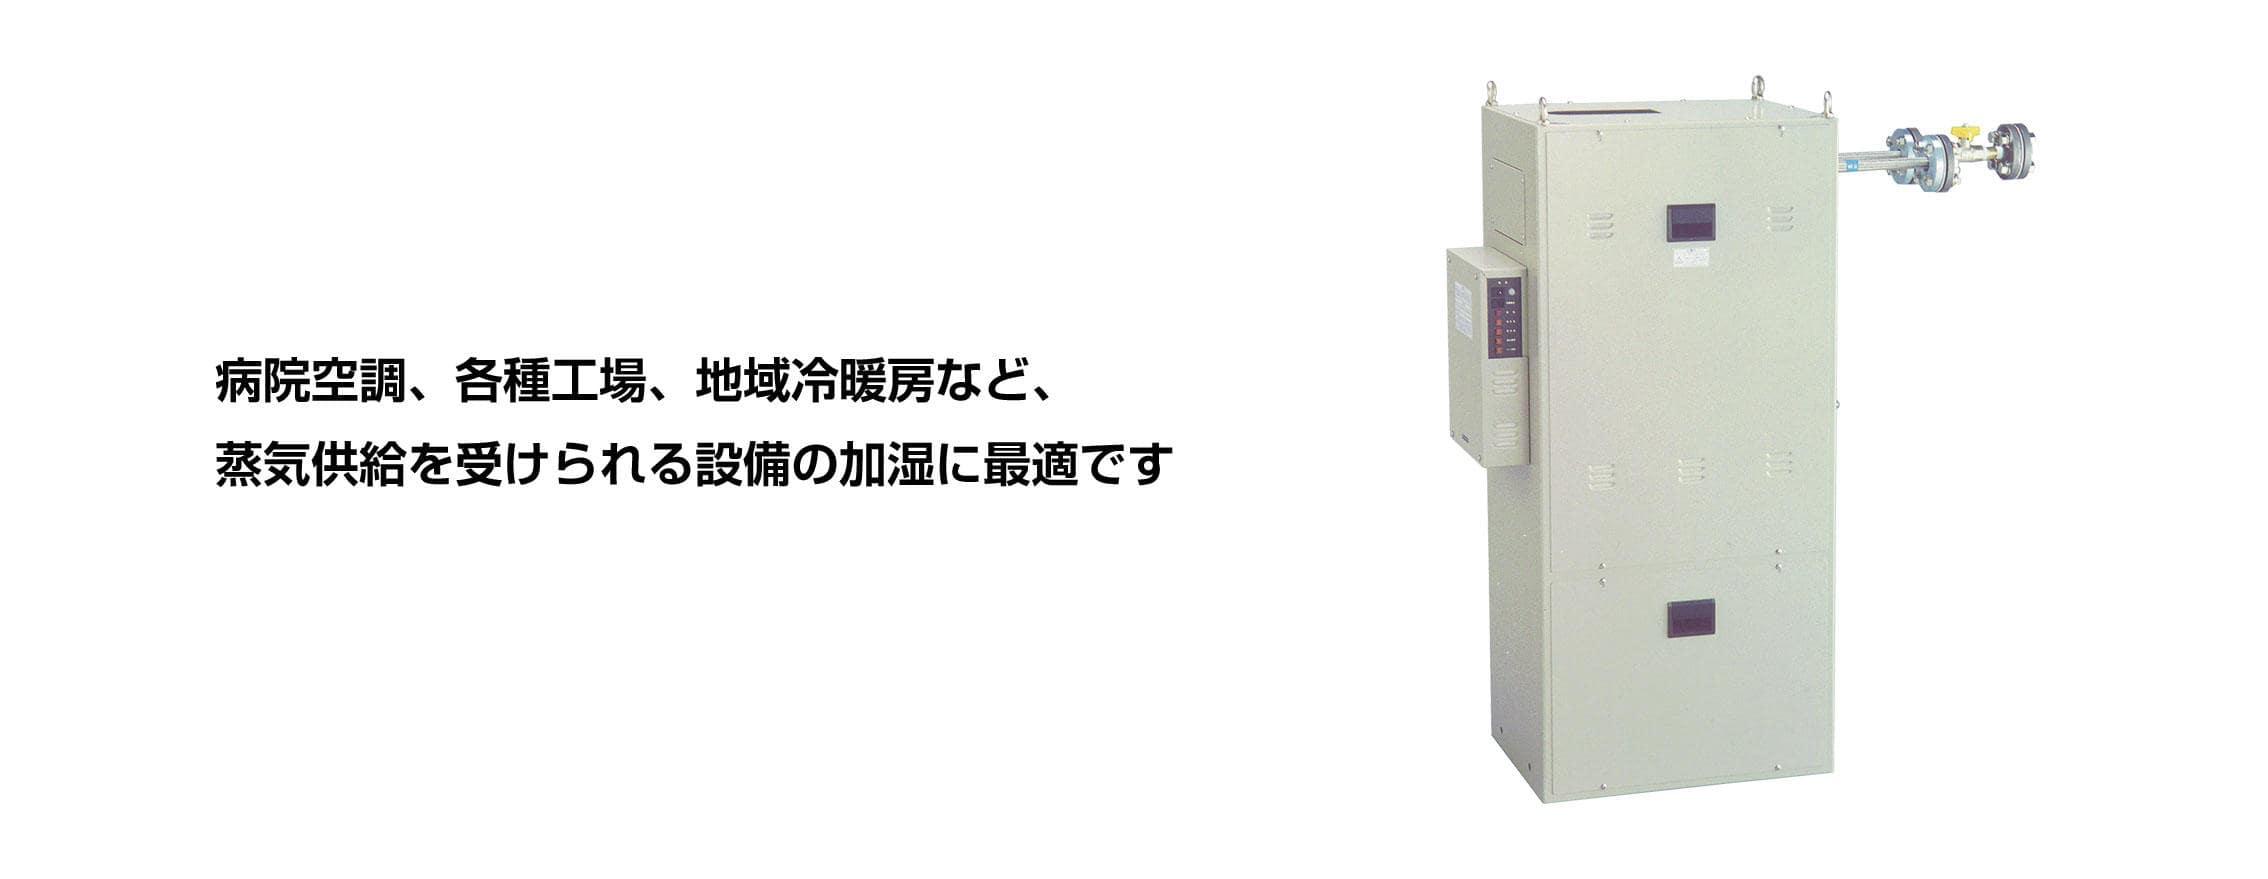 間接蒸気式加湿器SHC